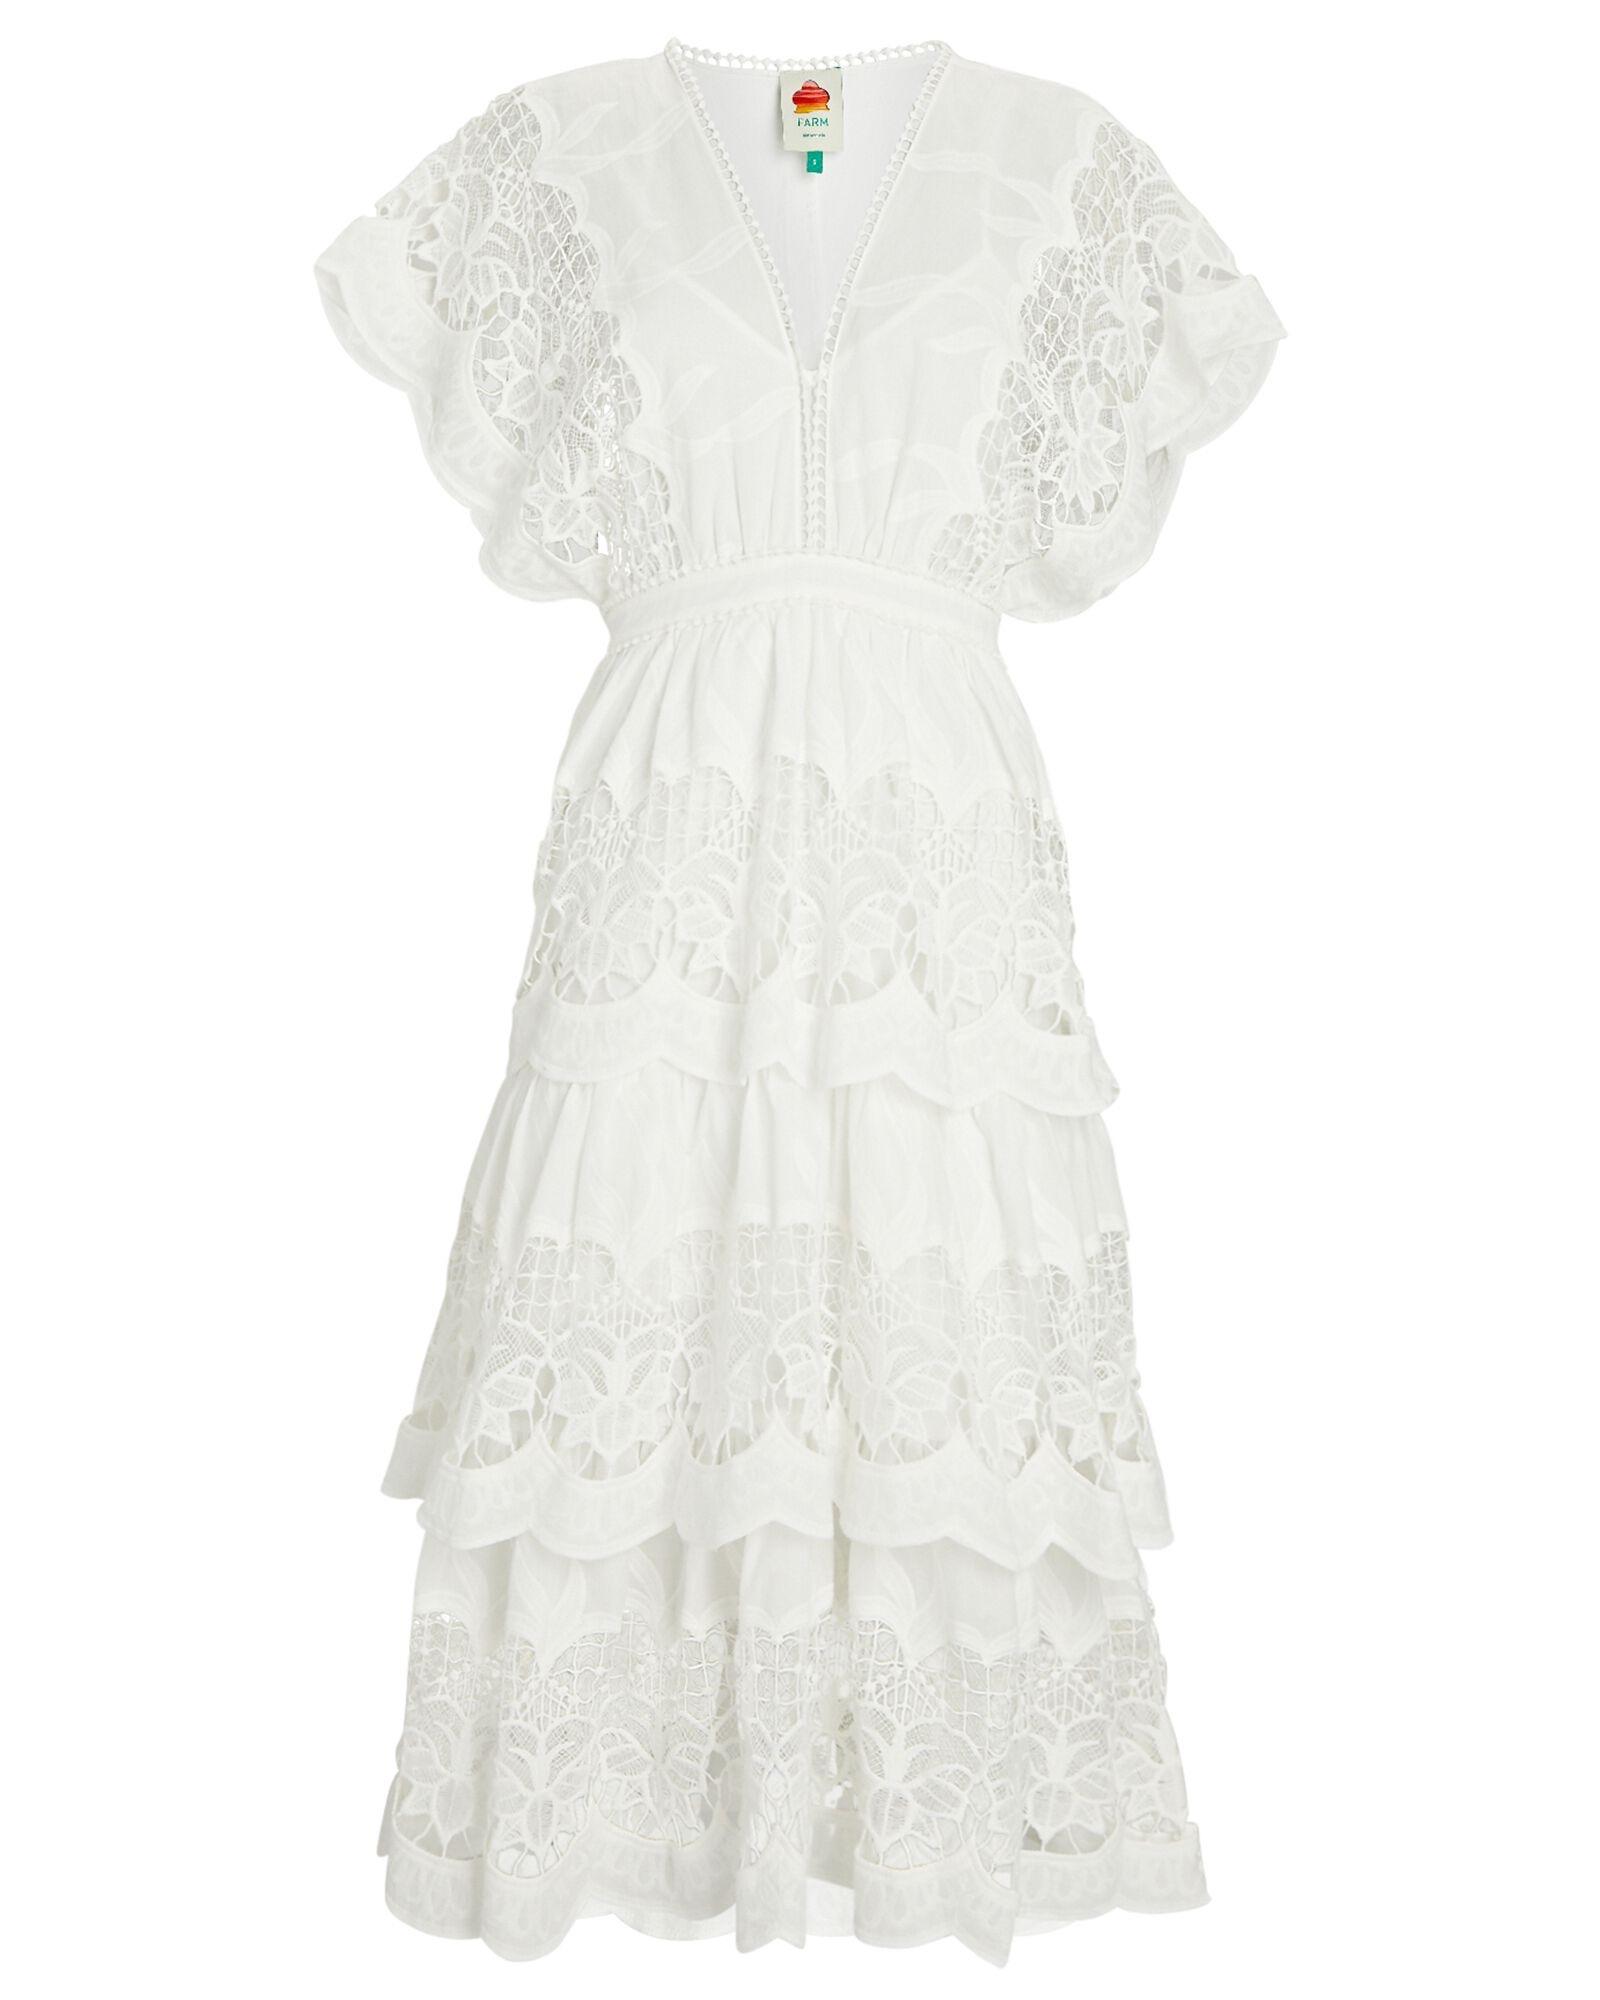 FARM RIO Richelier Tiered Lace Midi Dress $280